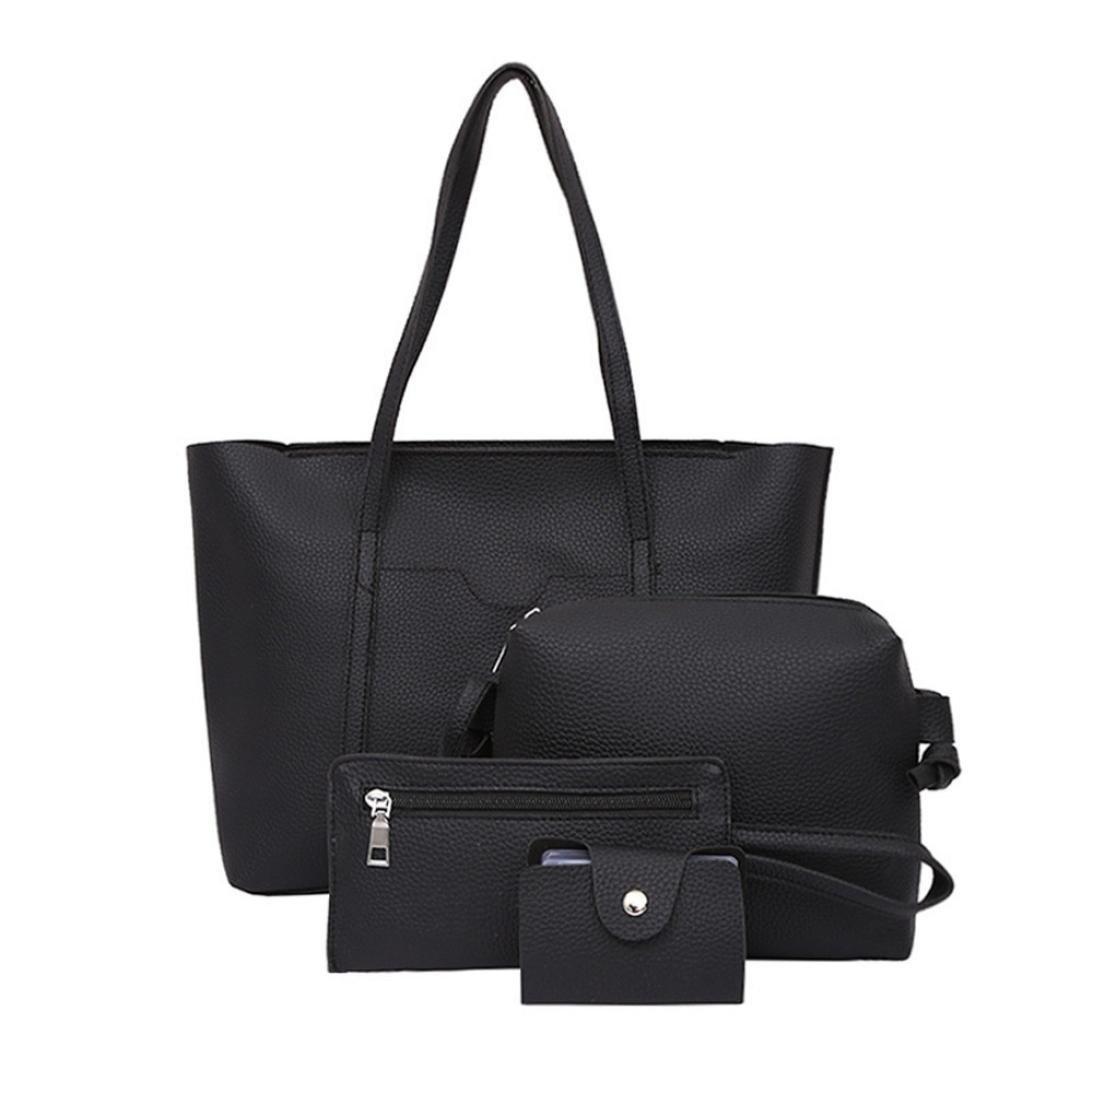 891b0a48ea1e Clearance Sale! Women Four Set Handbag Shoulder Bags Four Pieces Tote Bag  Wallet ❤️ ZYEE